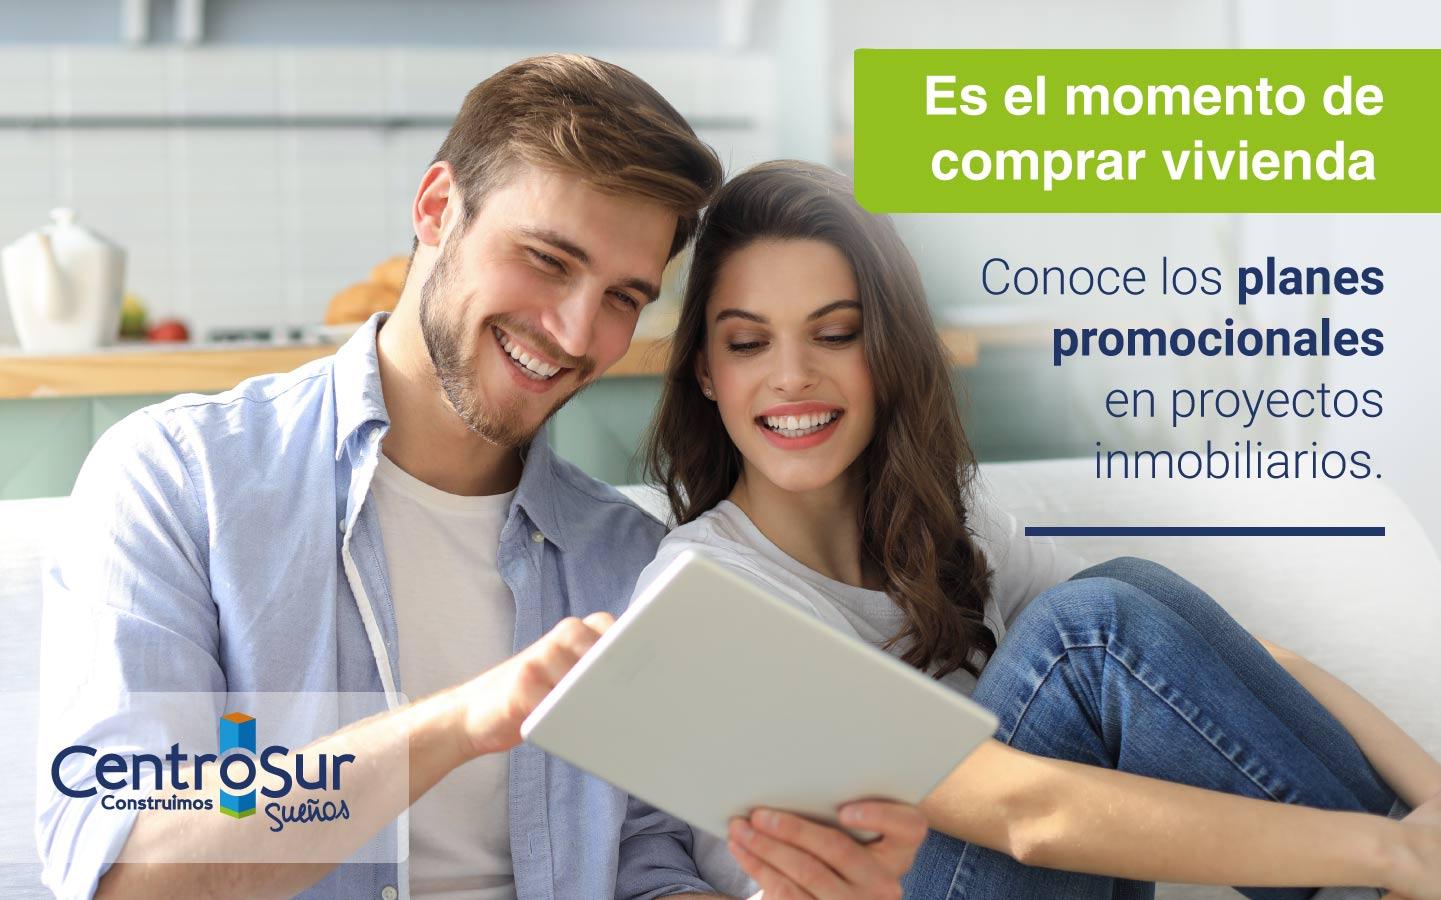 Es el momento de comprar vivienda.  Planes promocionales en proyectos inmobiliarios.